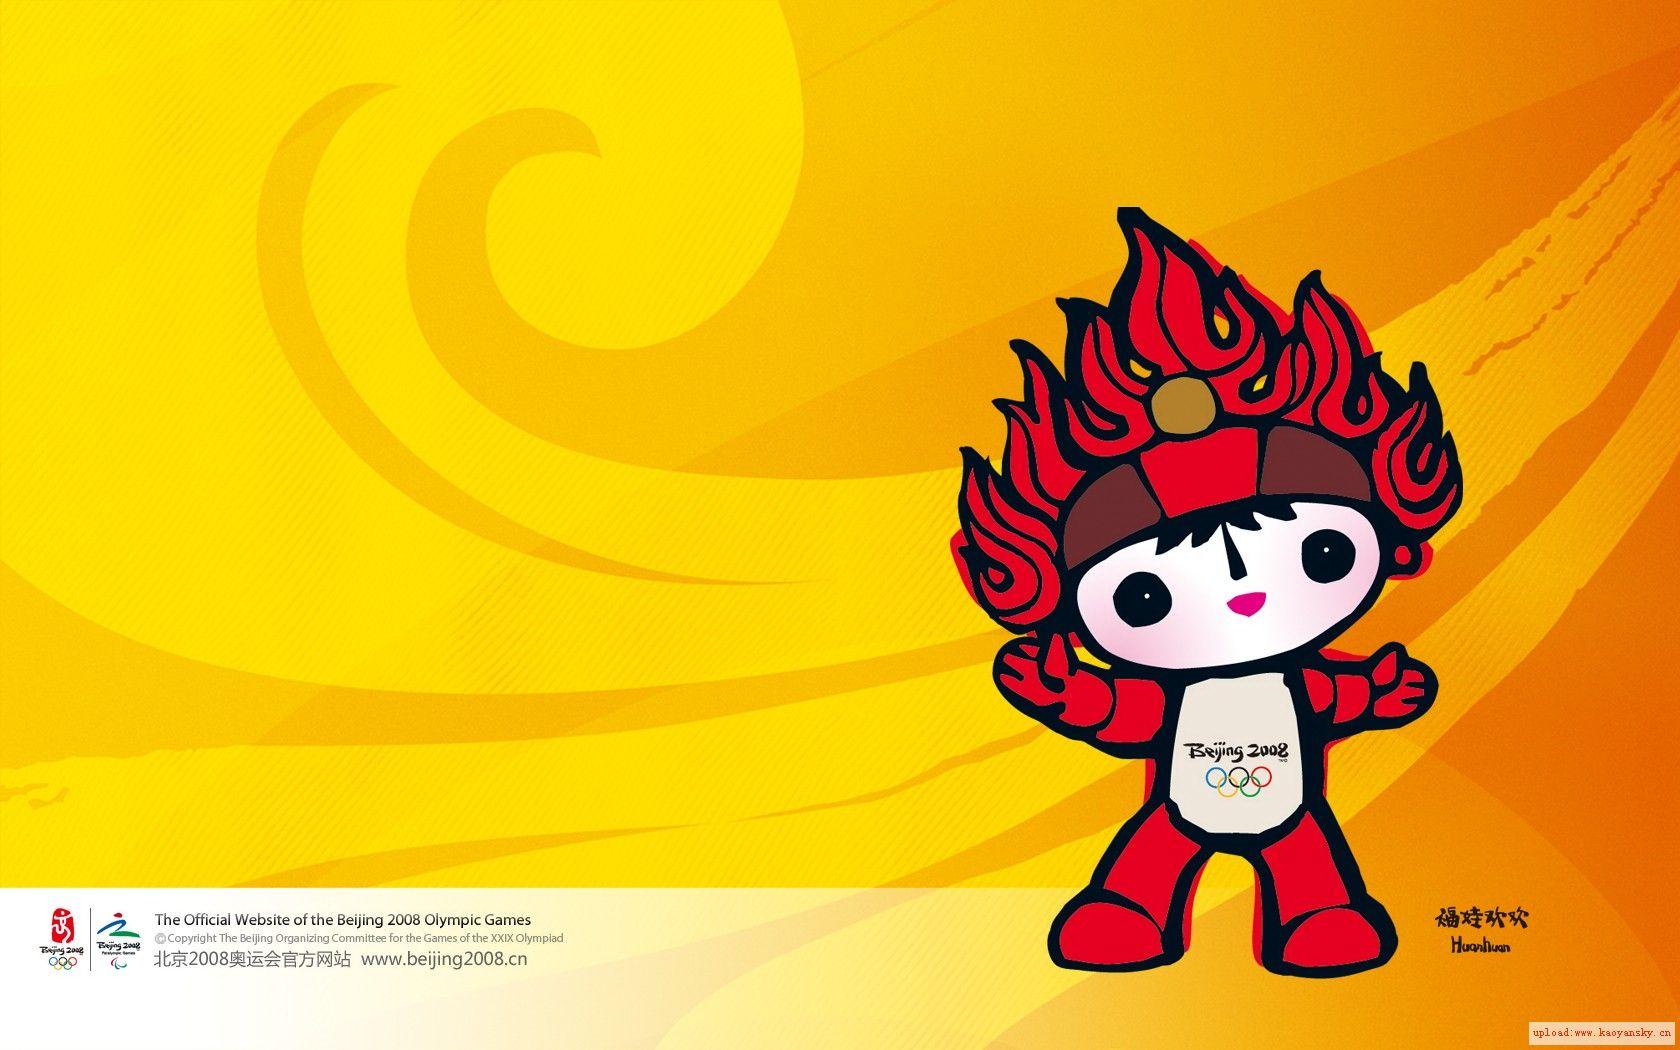 福娃欢欢PPT背景图片免费下载是由PPT宝藏(www.pptbz.com)会员zengmin上传推荐的卡通PPT背景图片, 更新时间为2016-11-14,素材编号111352。 福娃欢欢,是福娃中的大哥哥。他是一个火娃娃,象征奥林匹克圣火。他代表奥林匹克五环中红色的一环,其灵感来源于中国传统火纹图案和敦煌壁画中的火焰纹样。是北京2008年第29届奥运会吉祥物之一。 雄性;2006年8月14日出生;母亲公主;初生体重192.